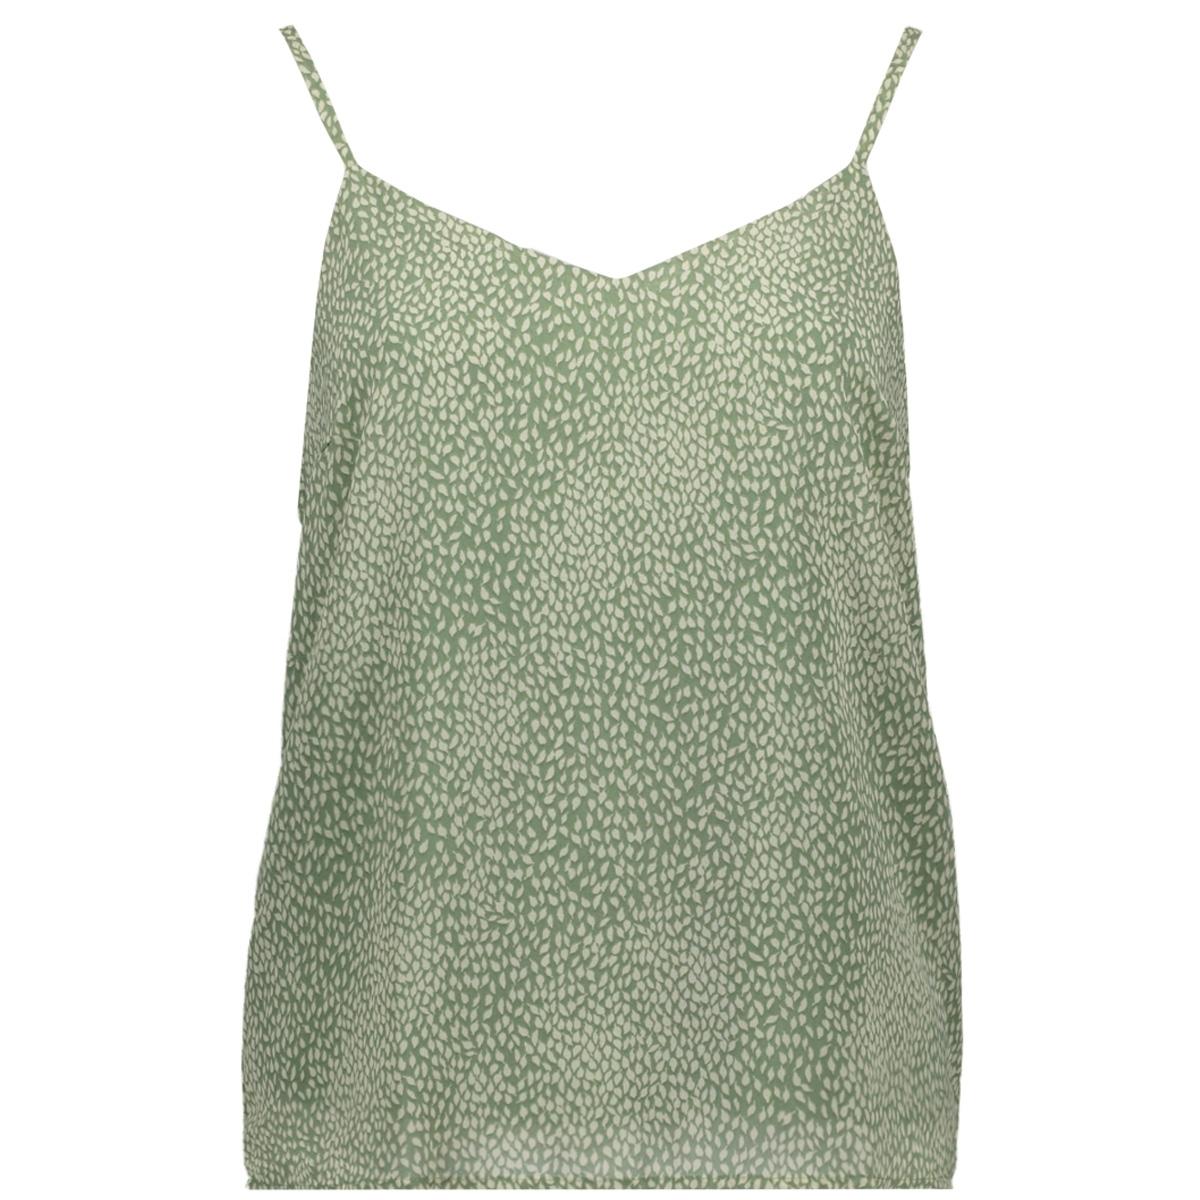 vmcailey nilly singlet exp 10226665 vero moda top hedge green/birch alis